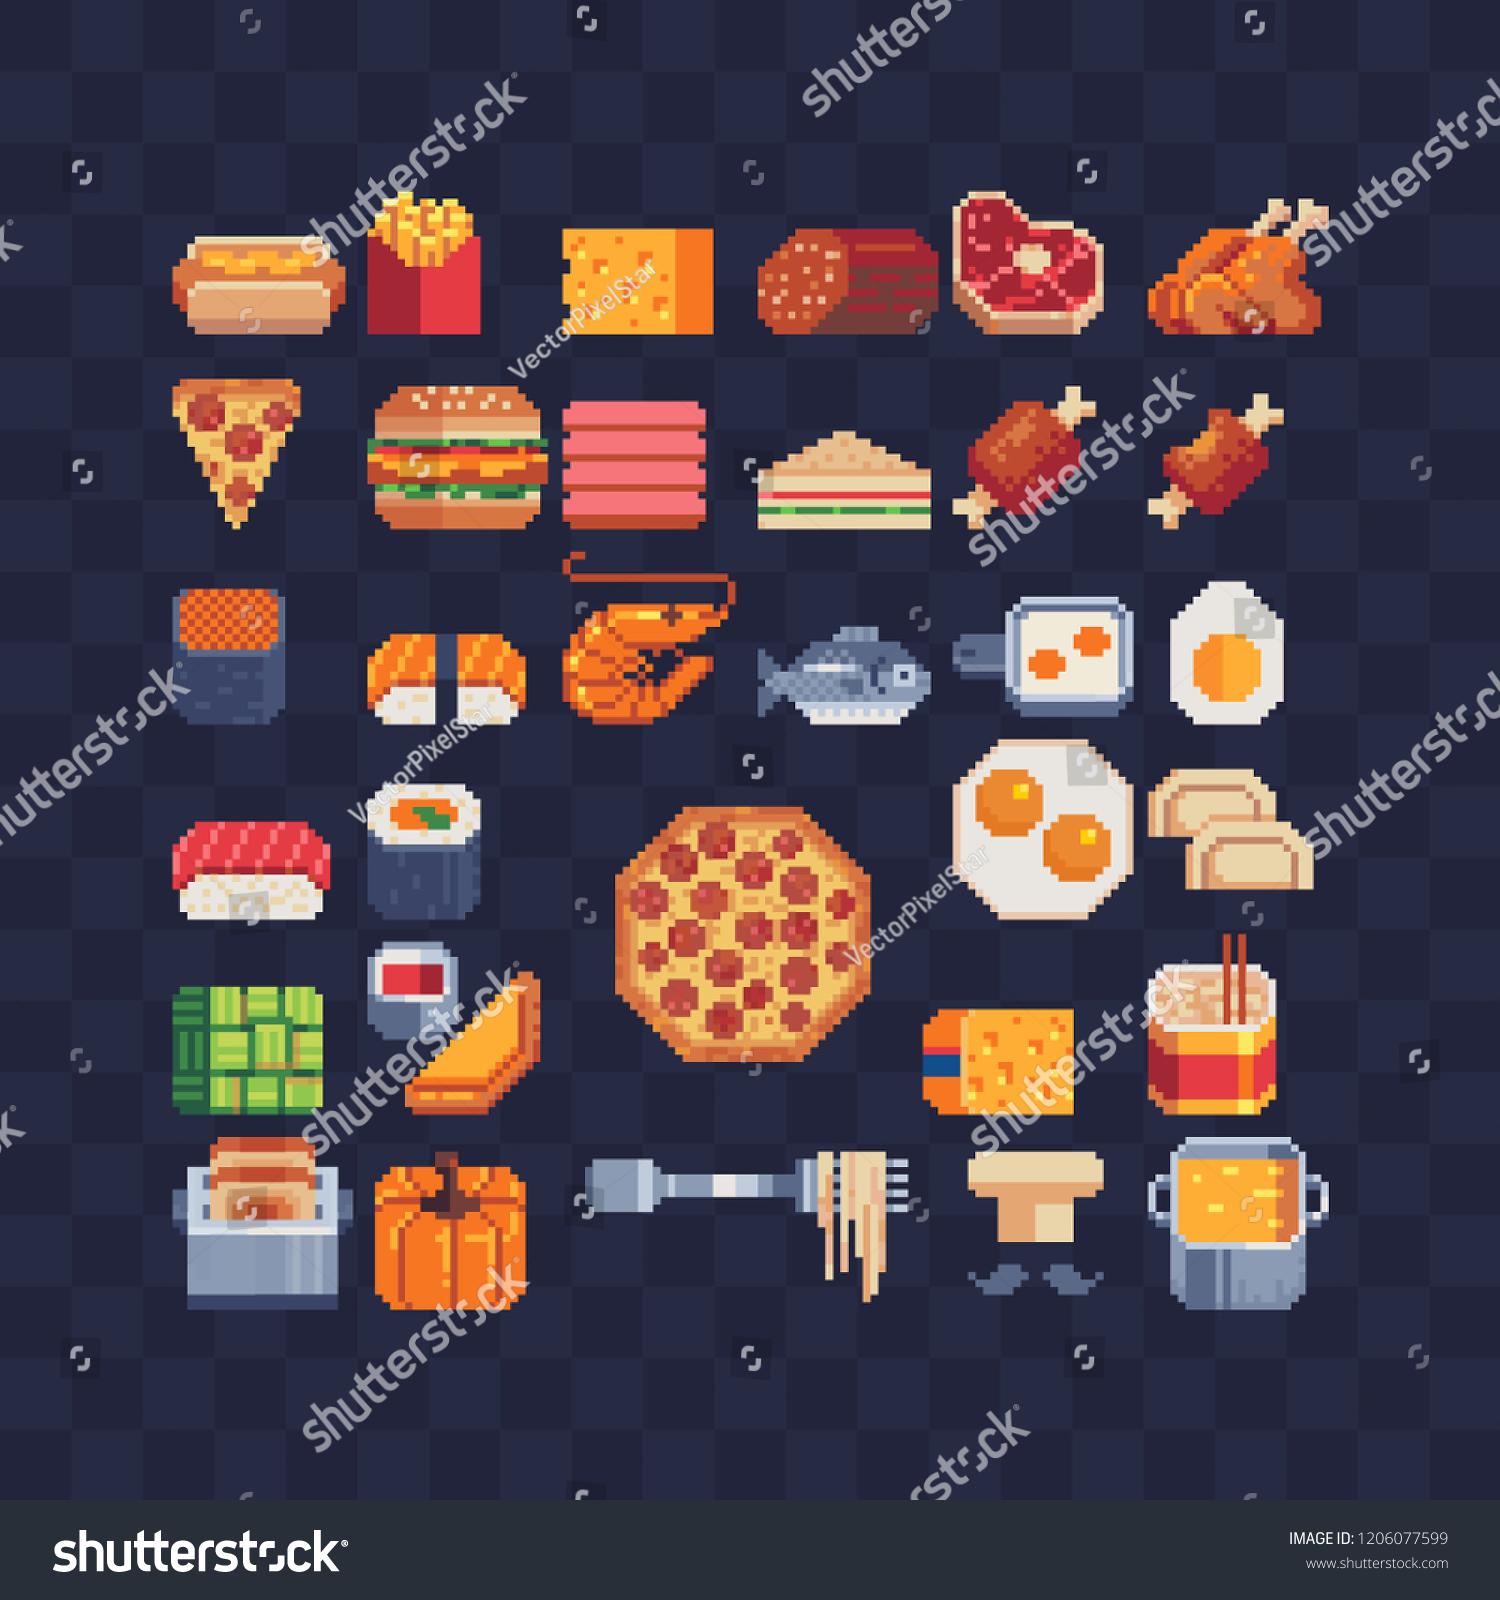 Image Vectorielle De Stock De Icônes De Pixel Art De La